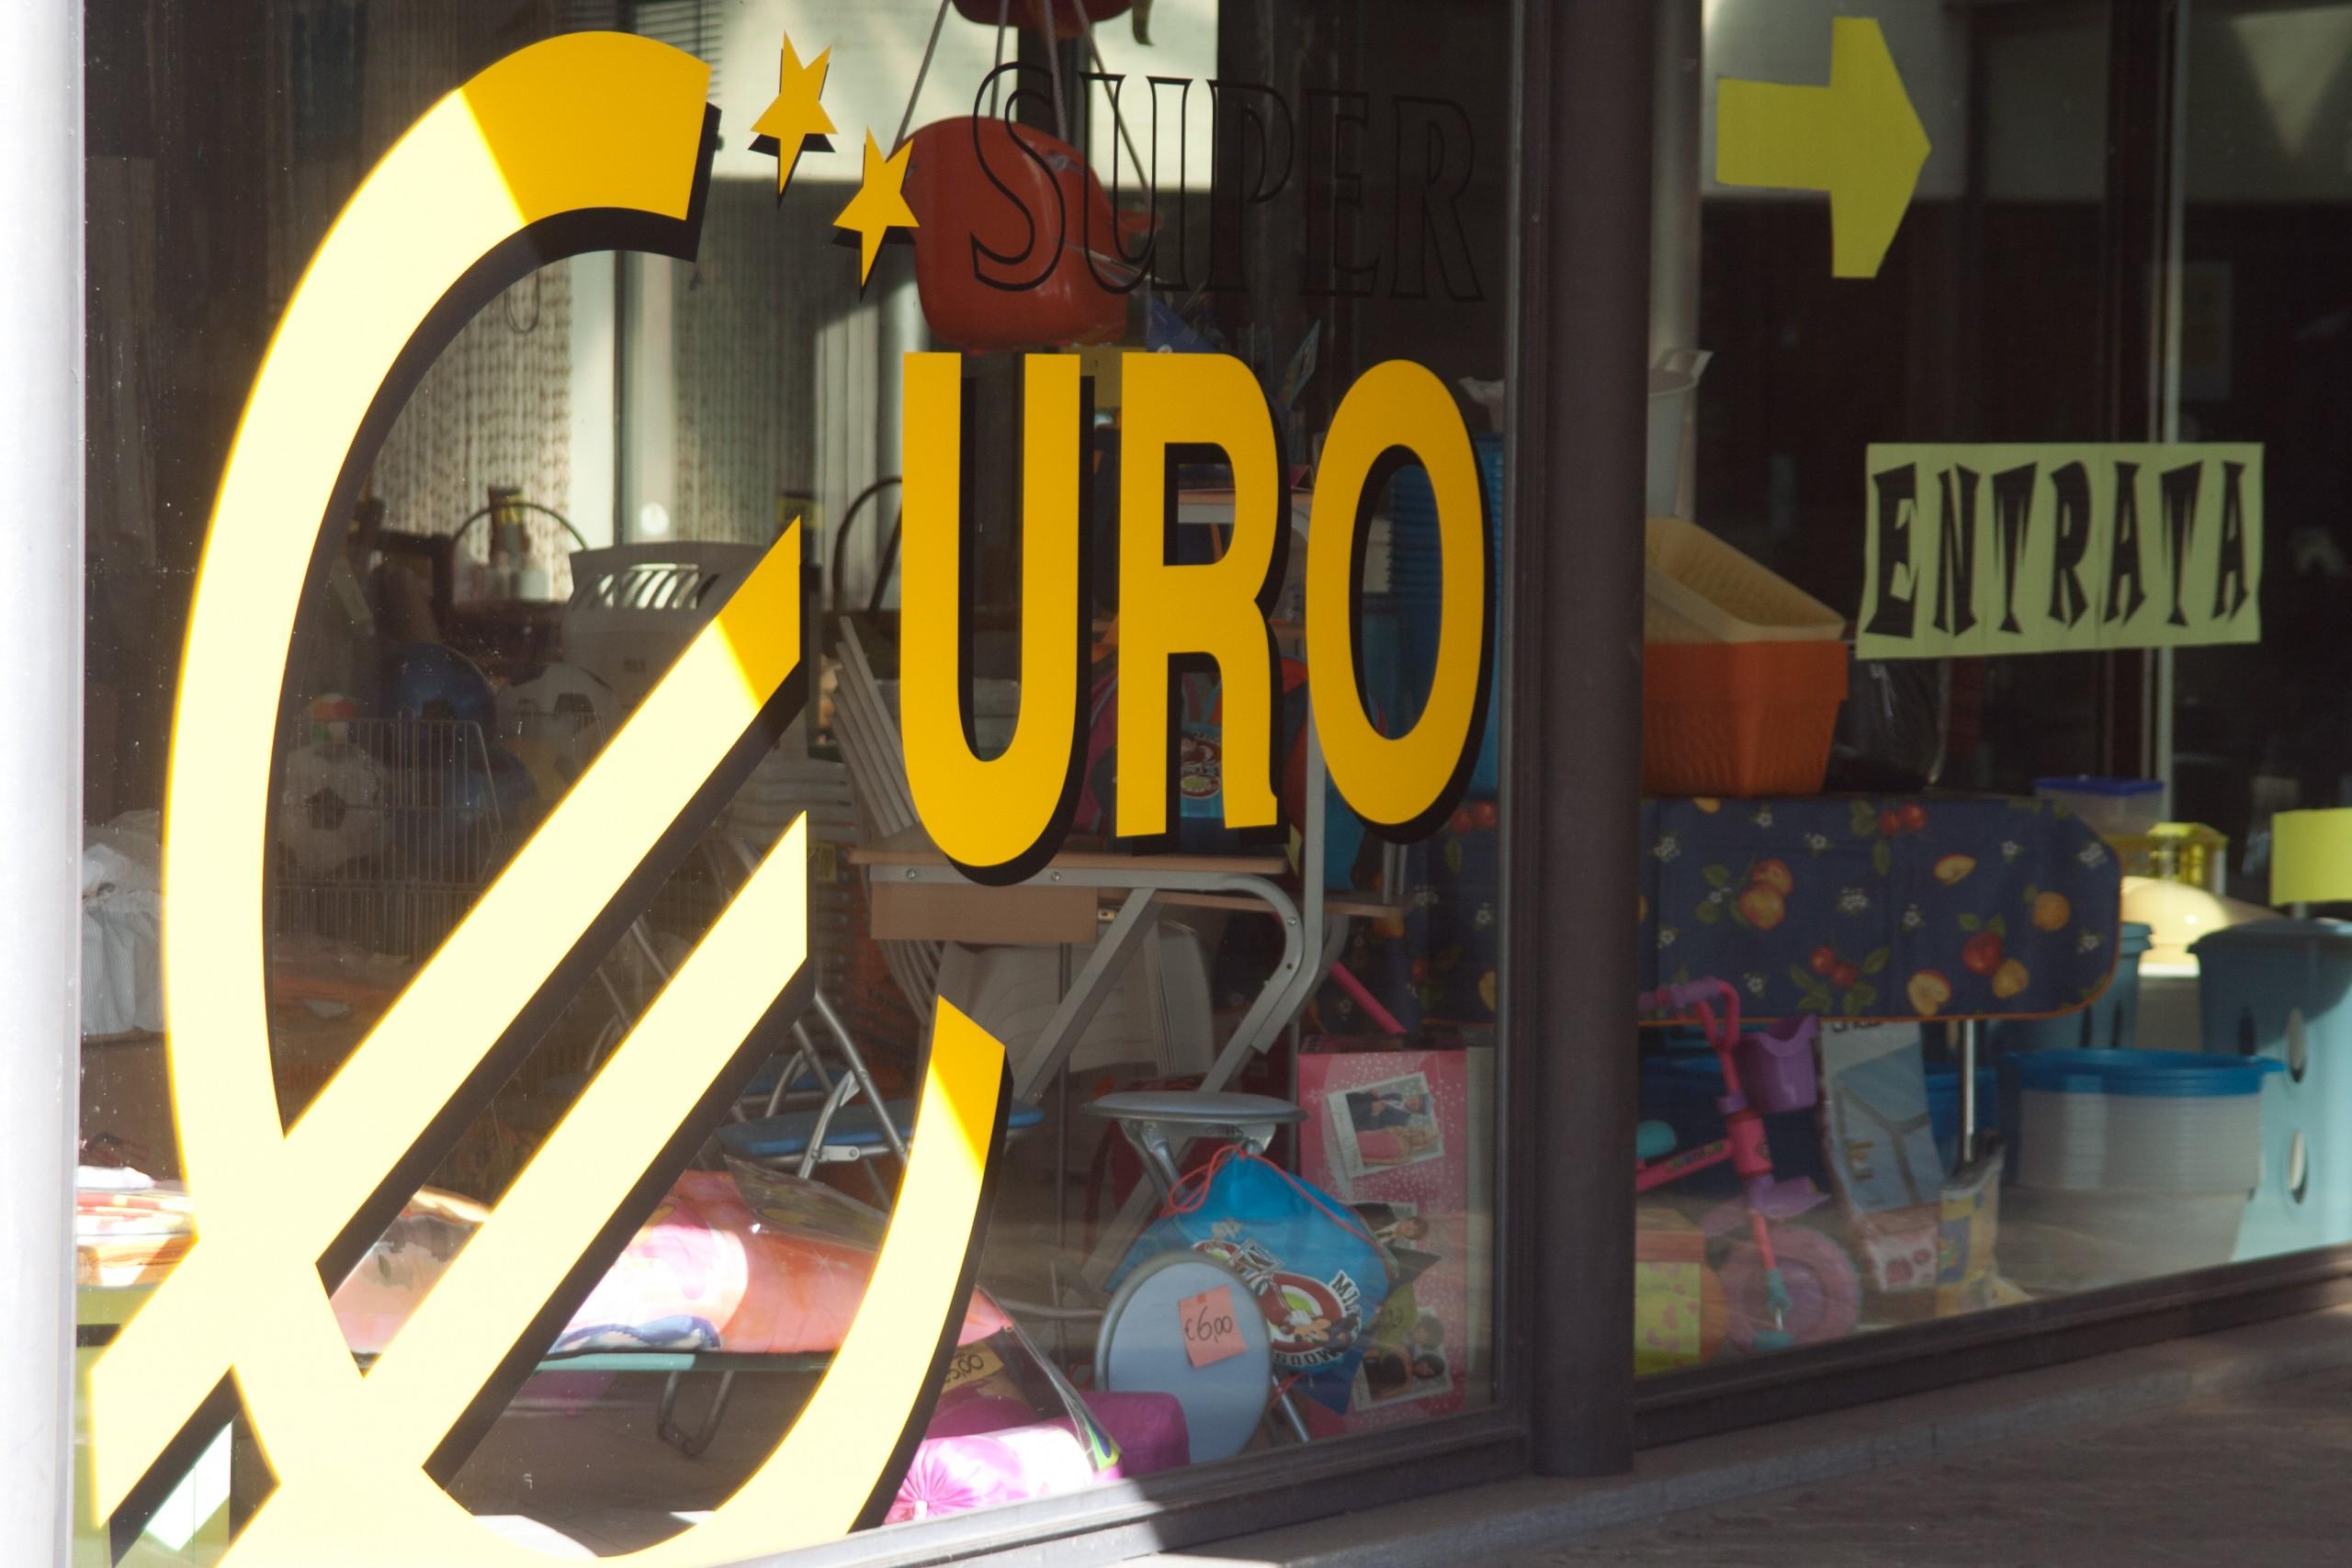 Super Euro Store